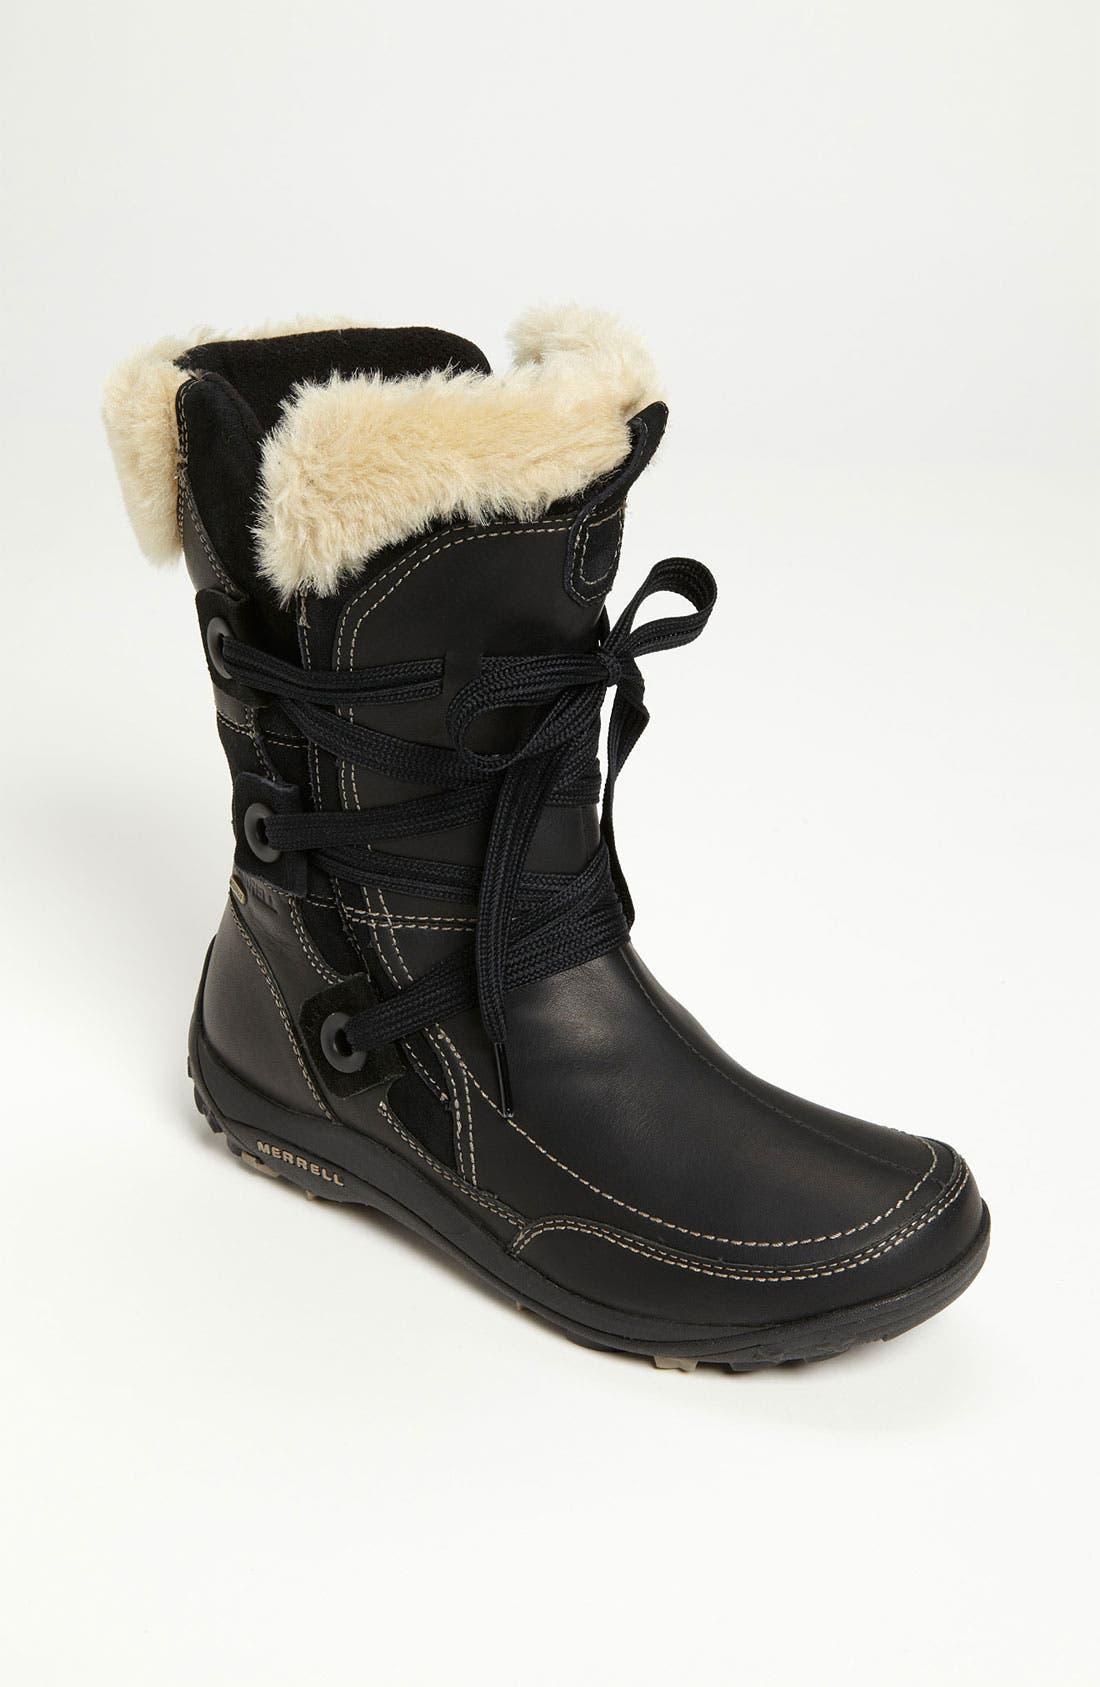 Alternate Image 1 Selected - Merrell 'Nikita' Waterproof Boot